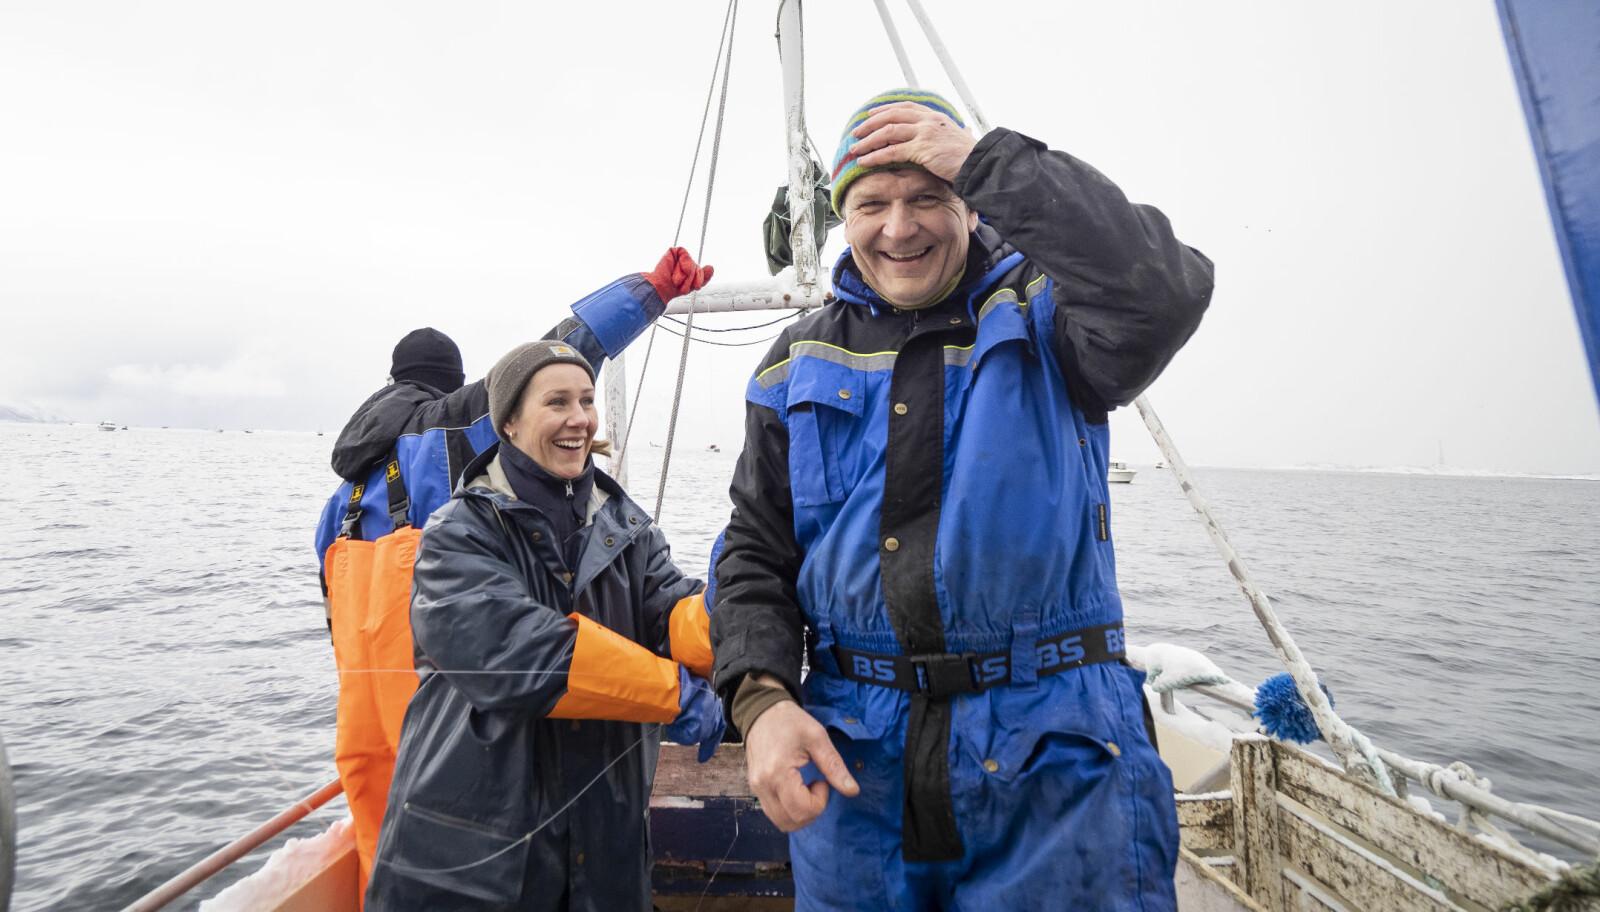 FISKELYKKE: Odd-Arne Sandberg blir lykkelig av å fiske. Og å se andre fiske.